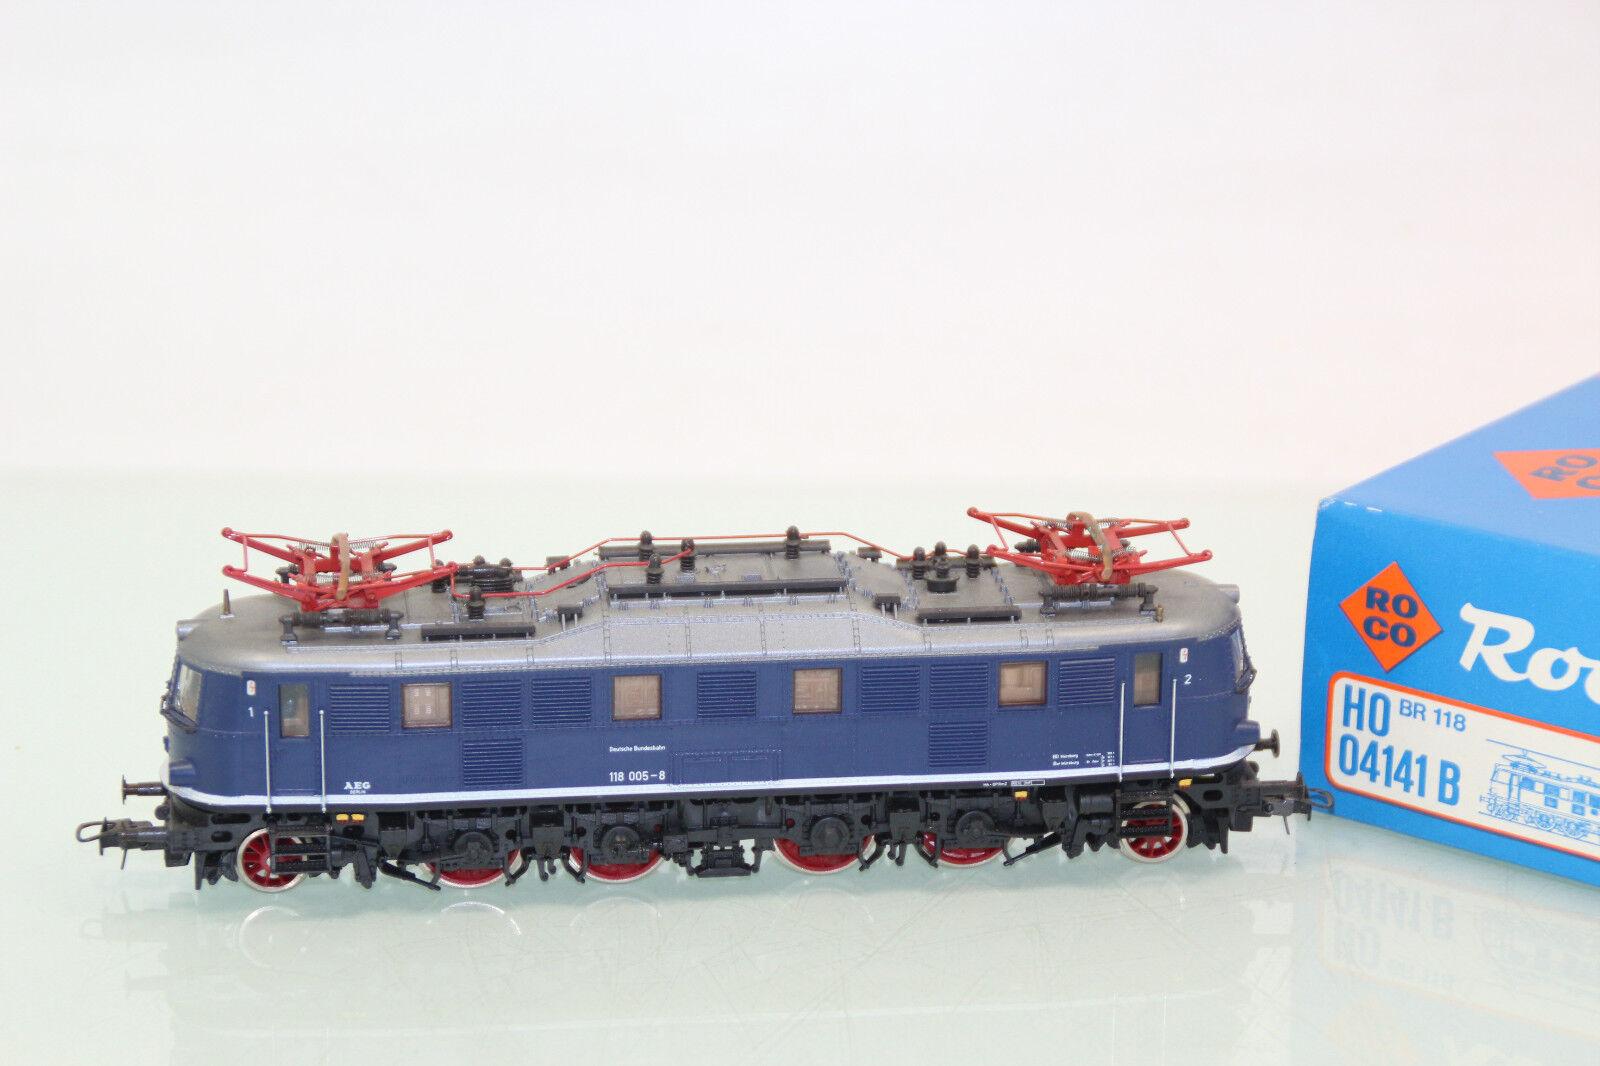 ROCO h0 04141 B e-Lok BR 118 005-8 blu delle DB in OVP  sl1073